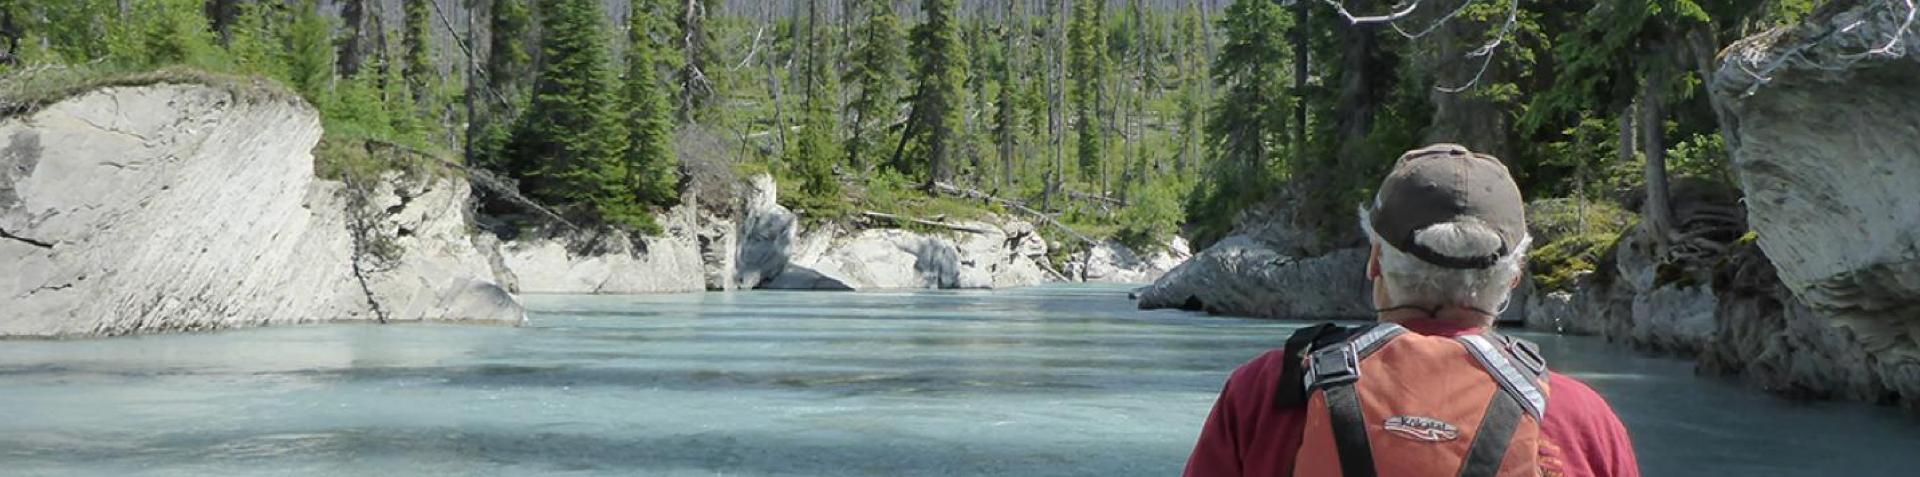 Nipika - Week of Rockies Rivers by Black Feather - Image 274